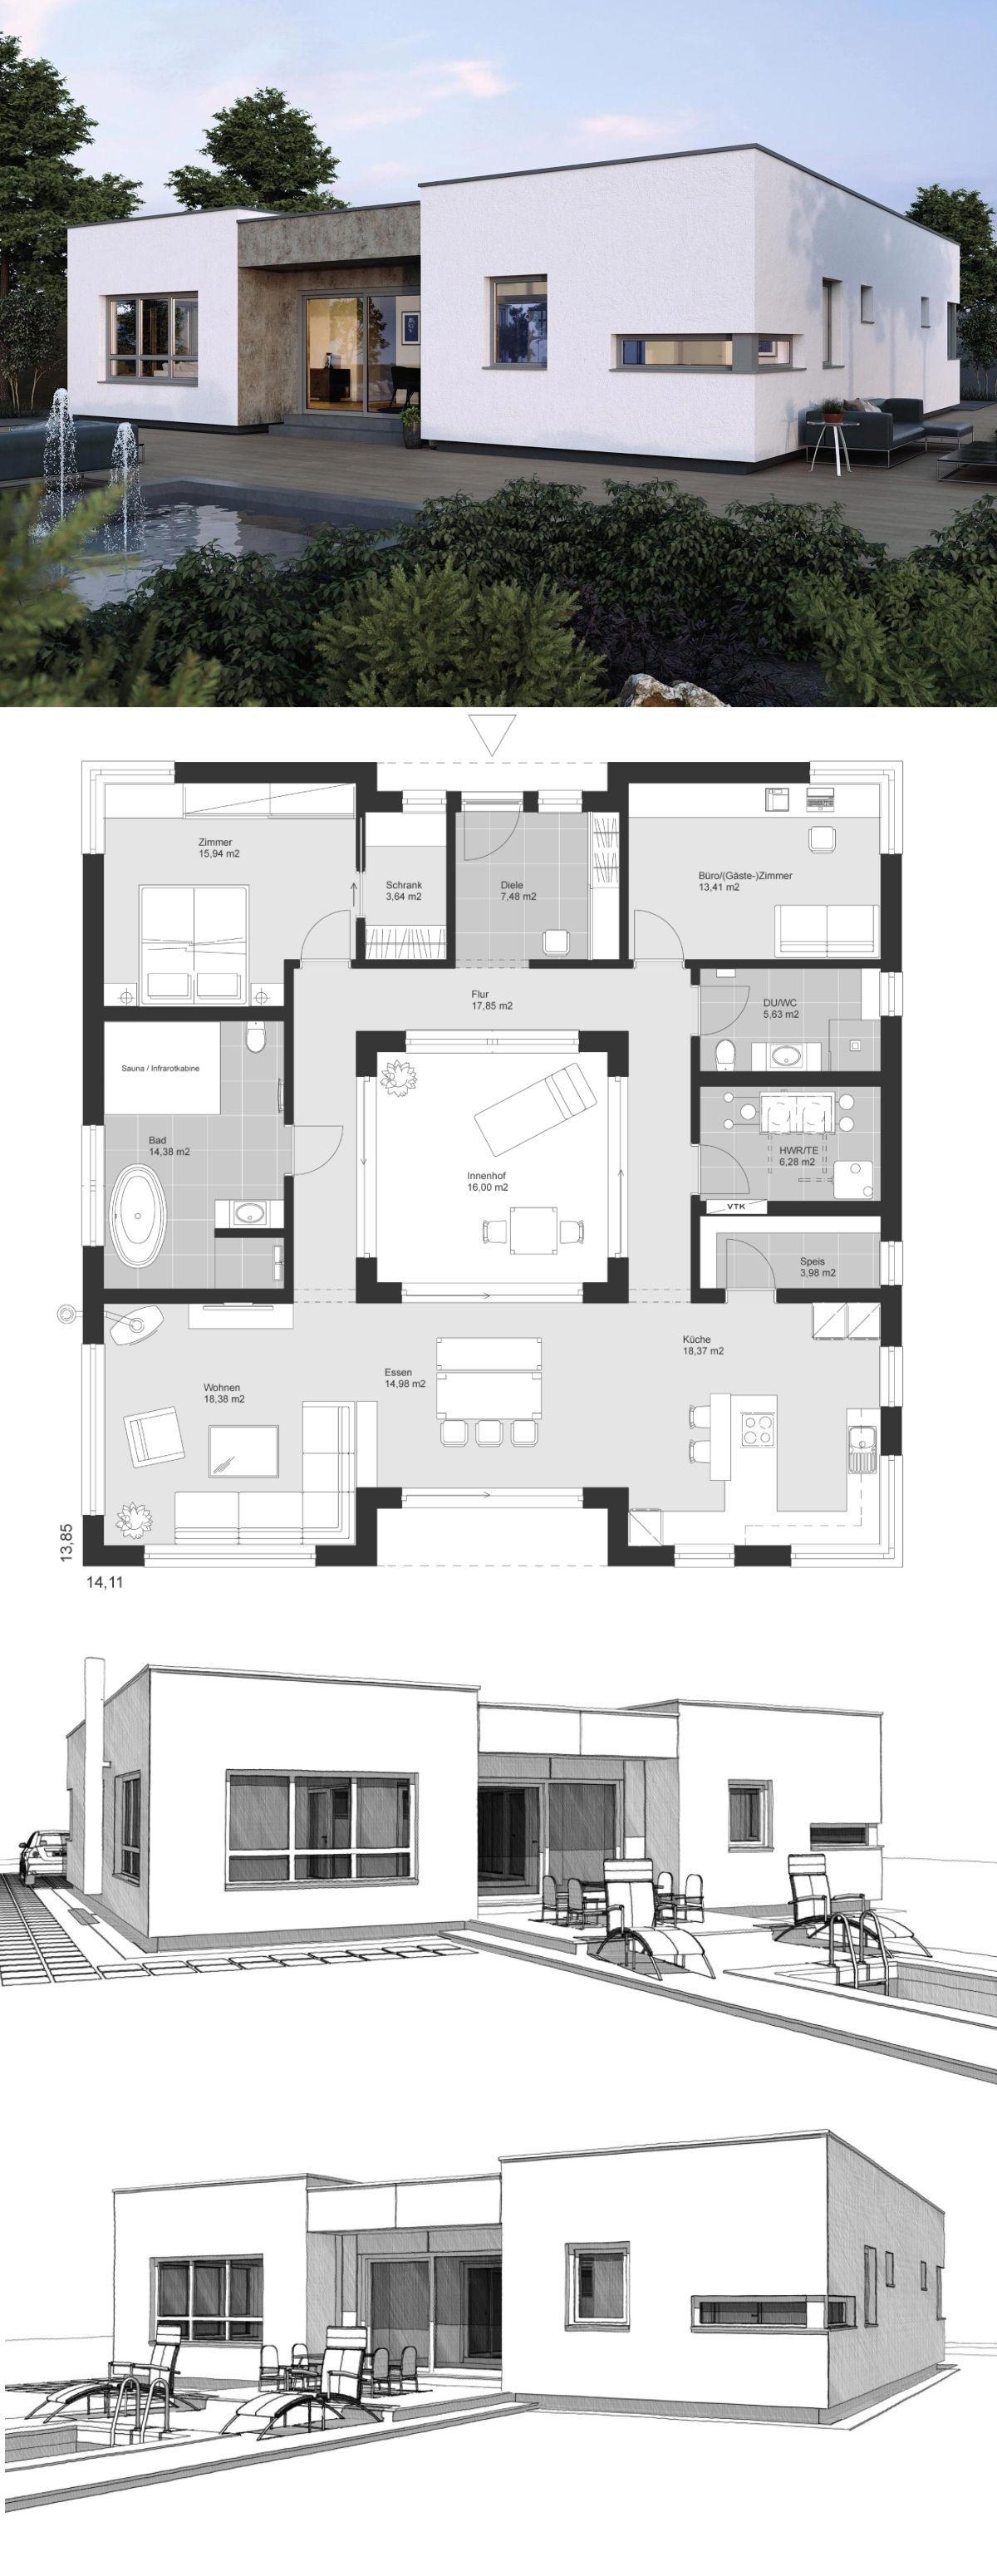 Bungalow Haus Architektur Modern Im Bauhausstil Grundriss Mit